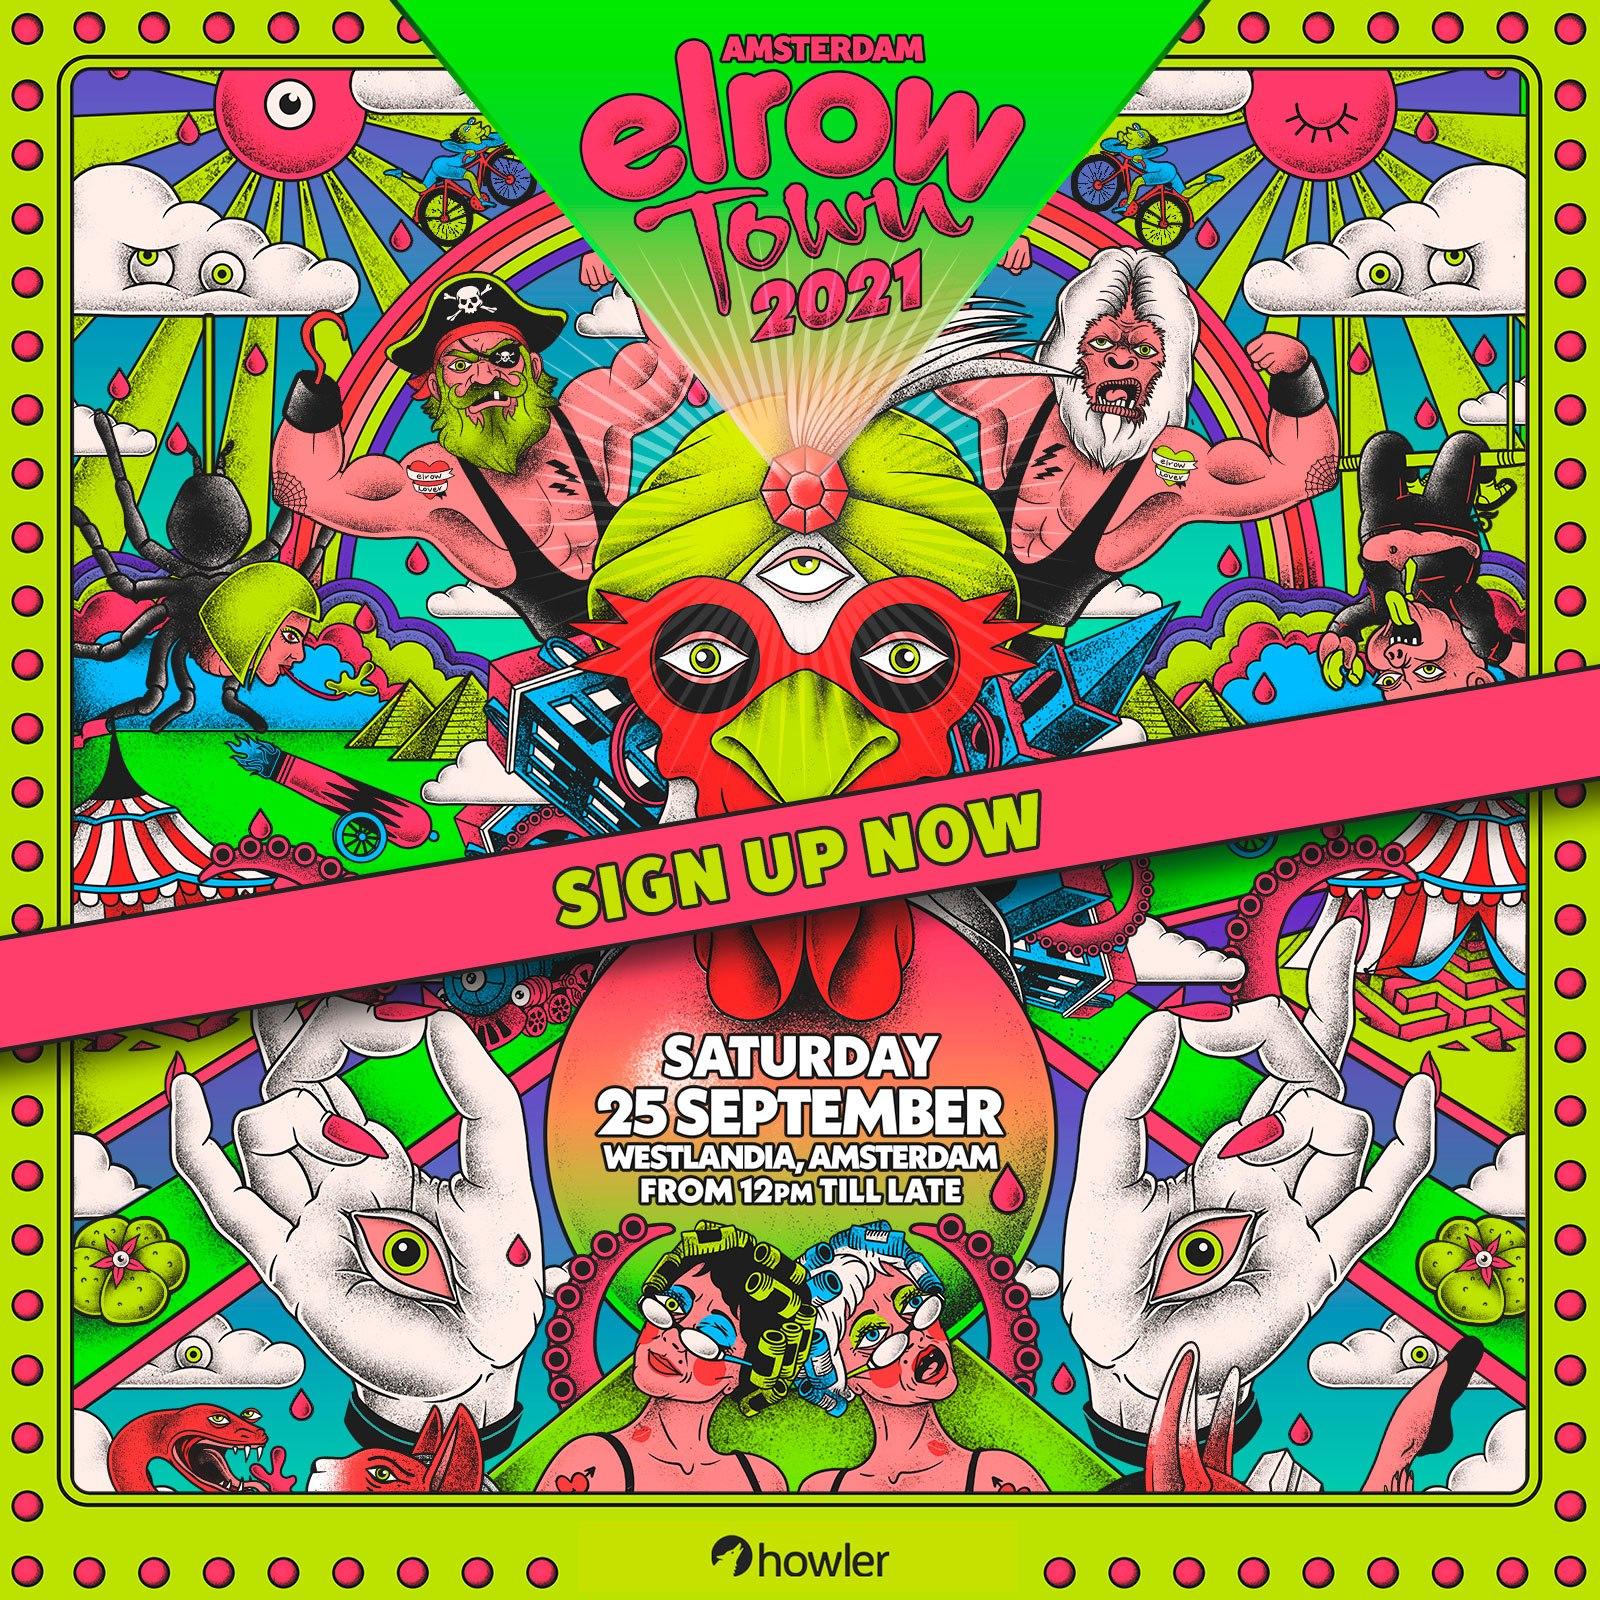 ElrowTown Festival Amsterdam September 2021